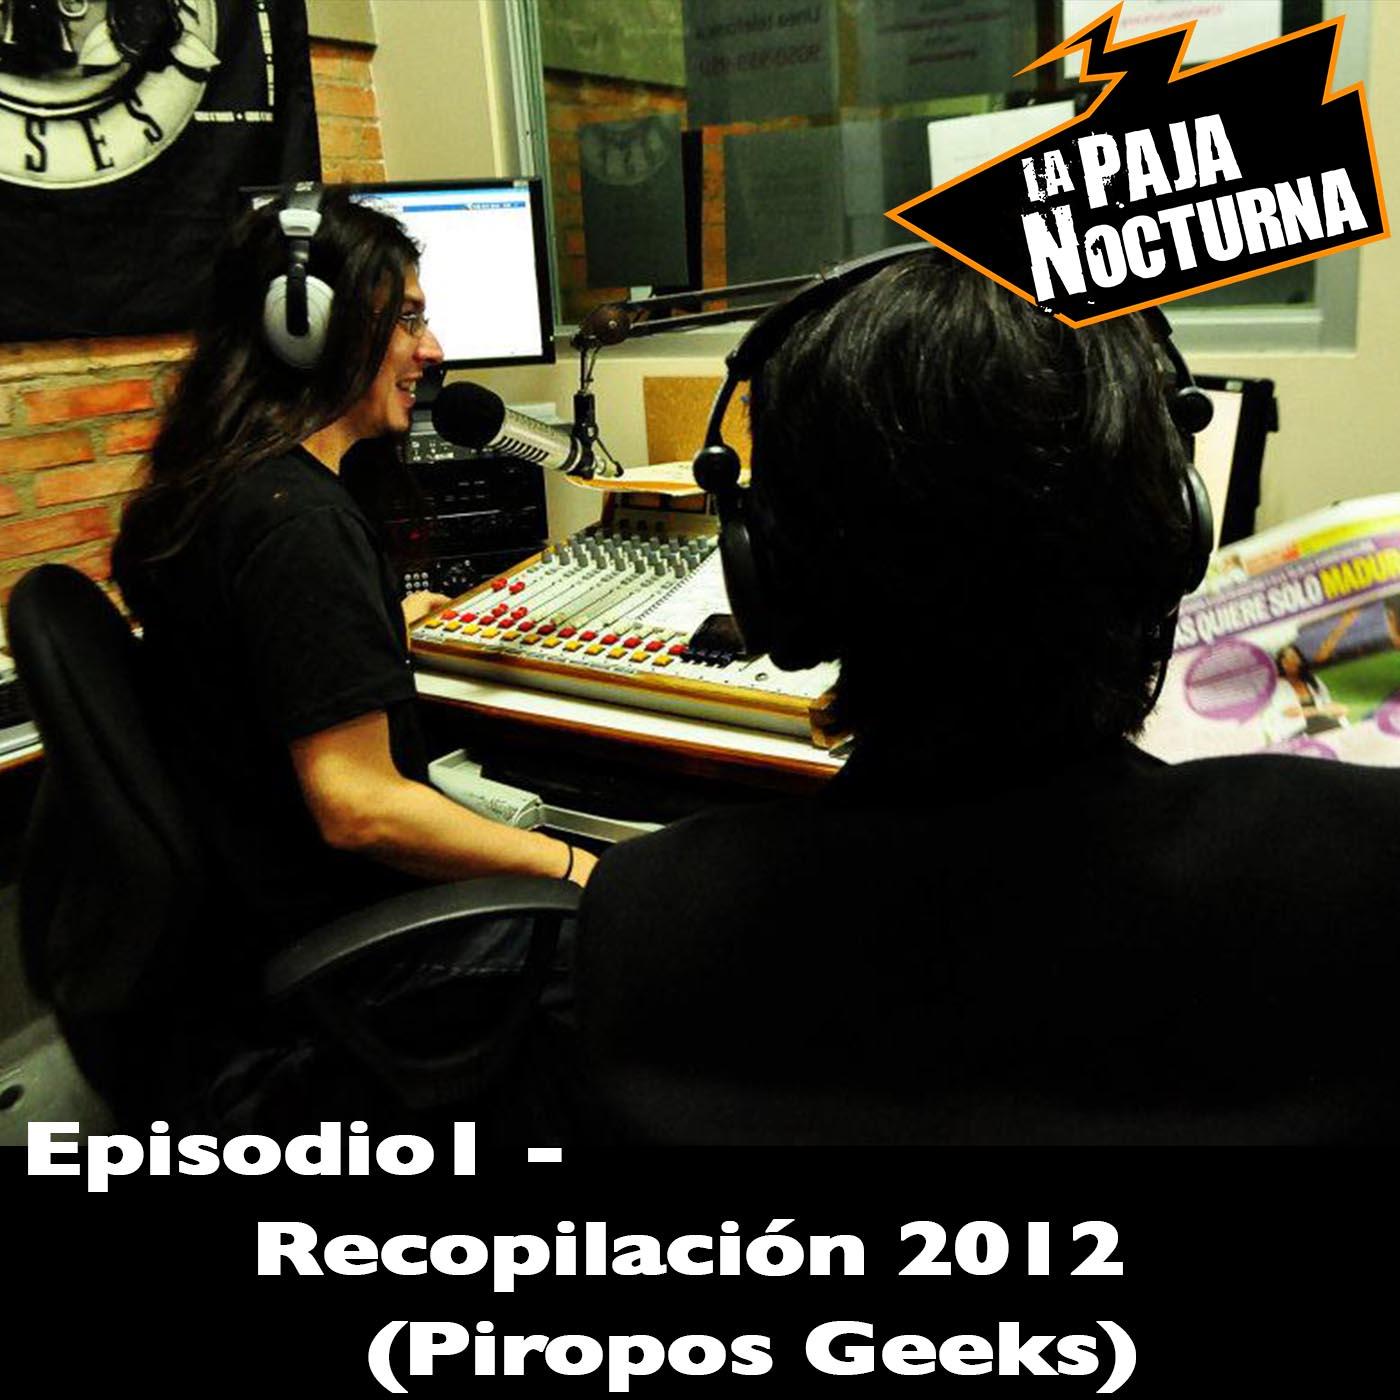 La Paja nocturna Podcast Episodio 10